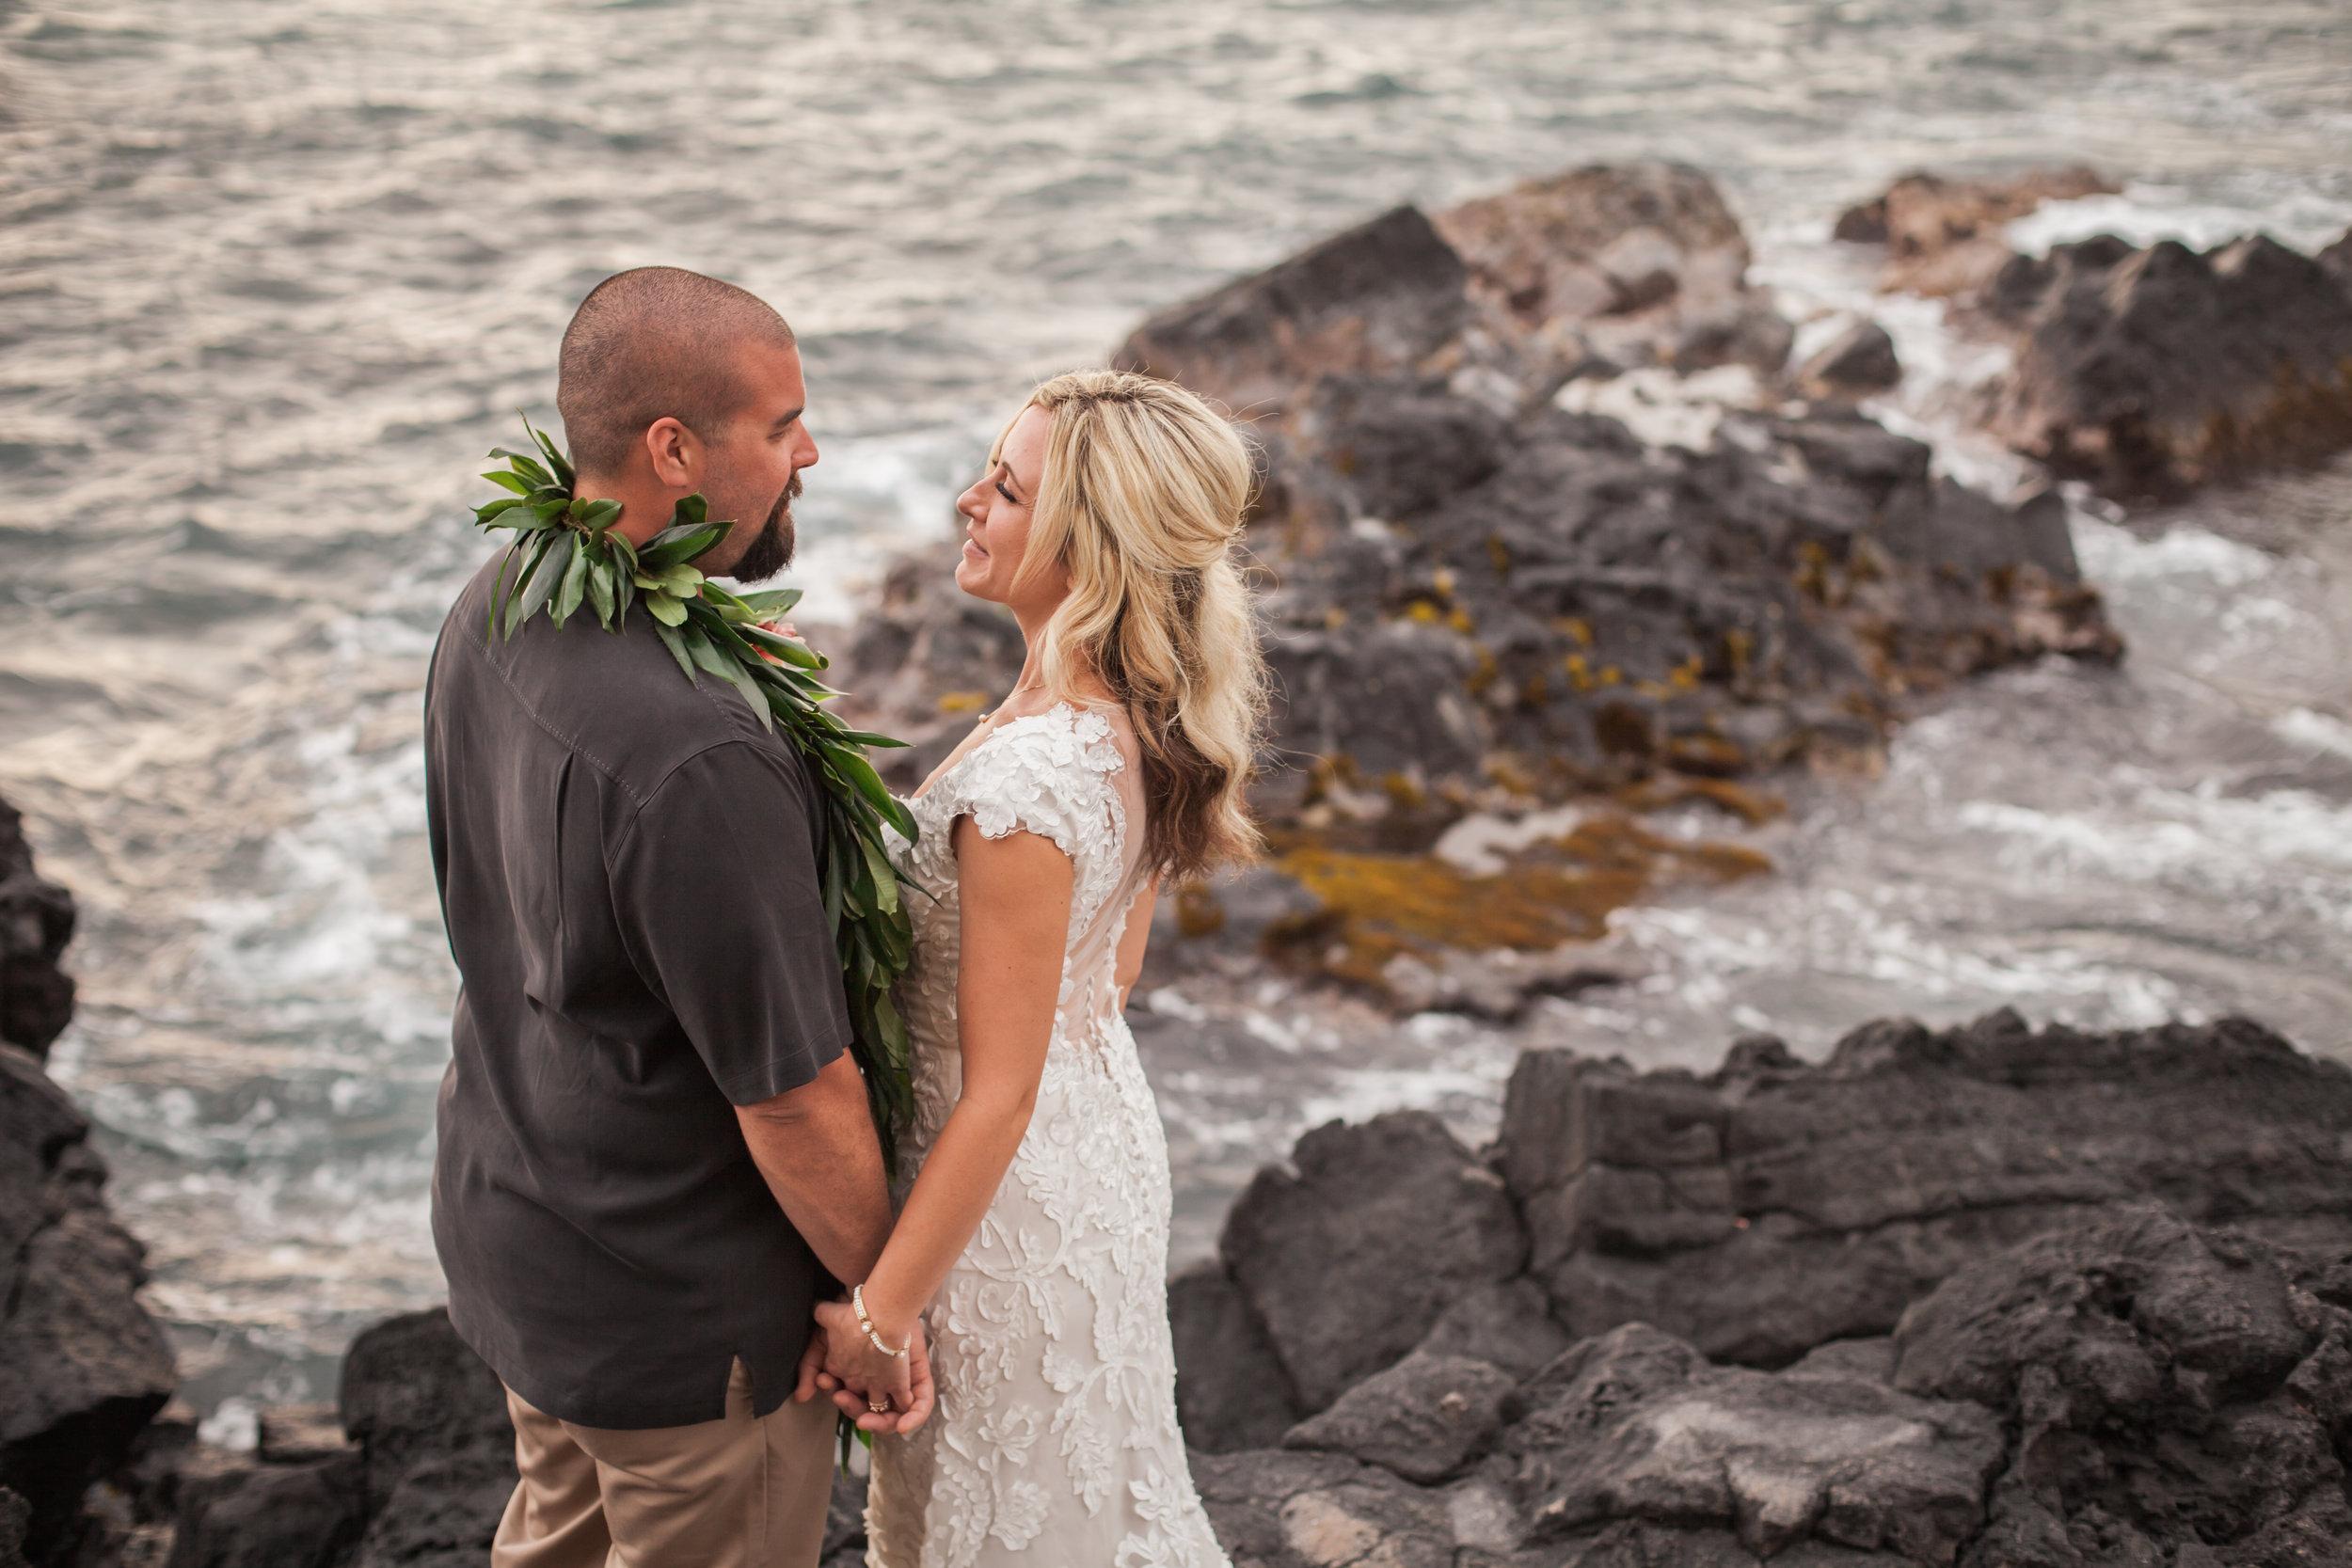 big island hawaii royal kona resort beach wedding © kelilina photography 20170520175152.jpg